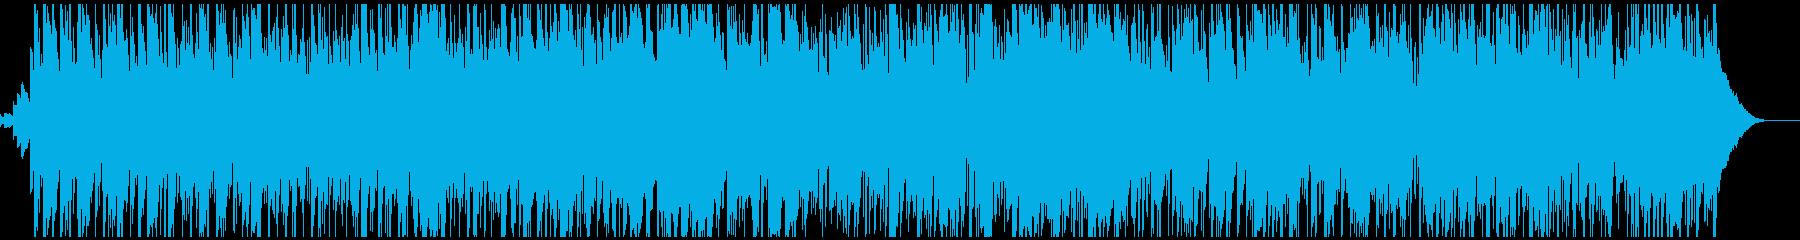 クリスマス定番曲・ジングルベル・ボサノバの再生済みの波形